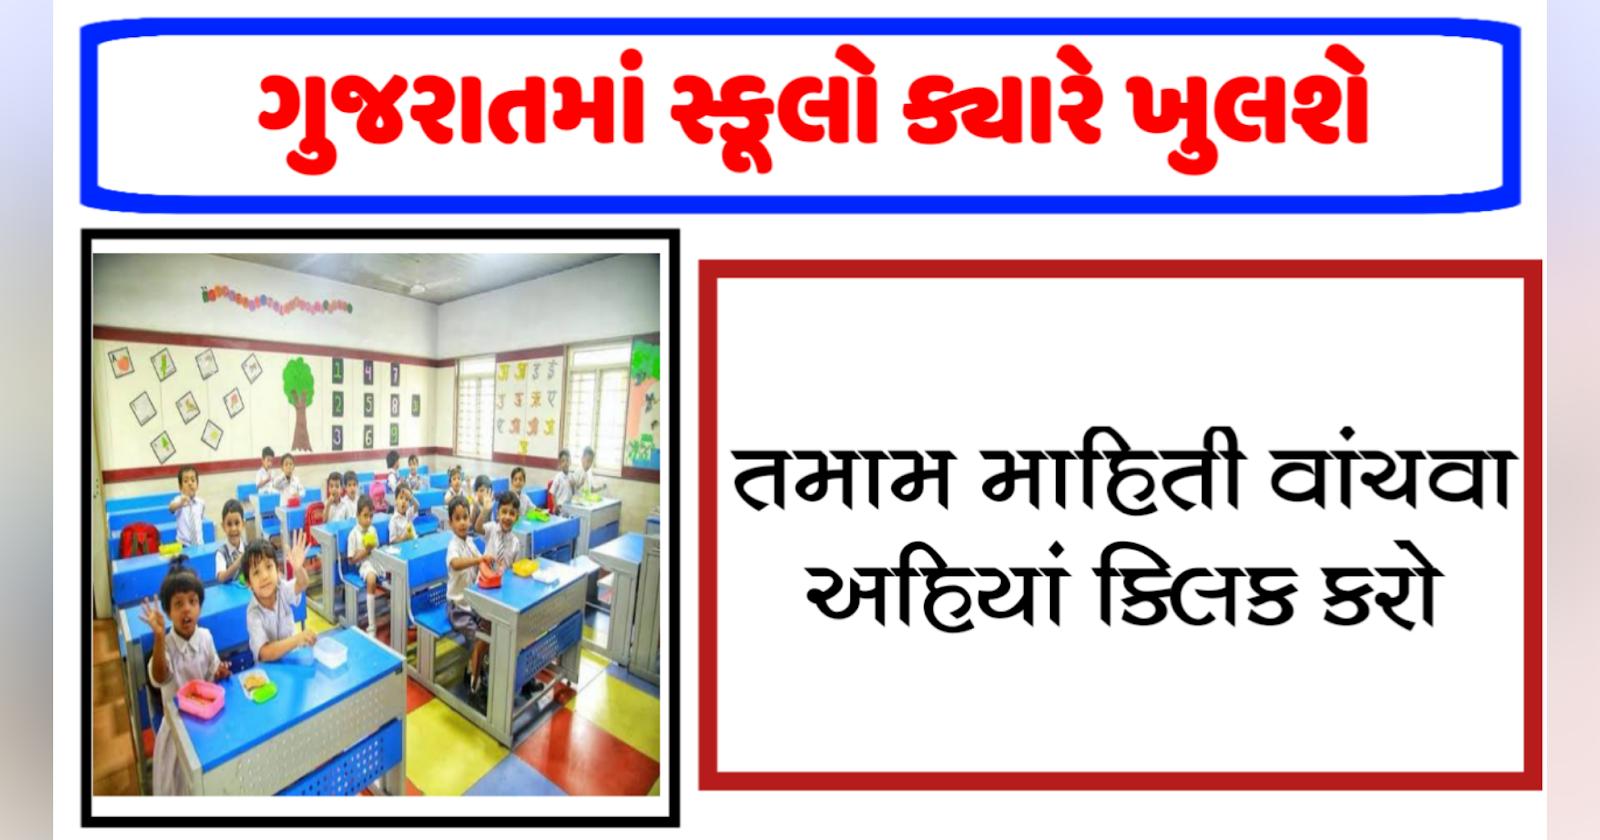 Gujarat School Open Related News